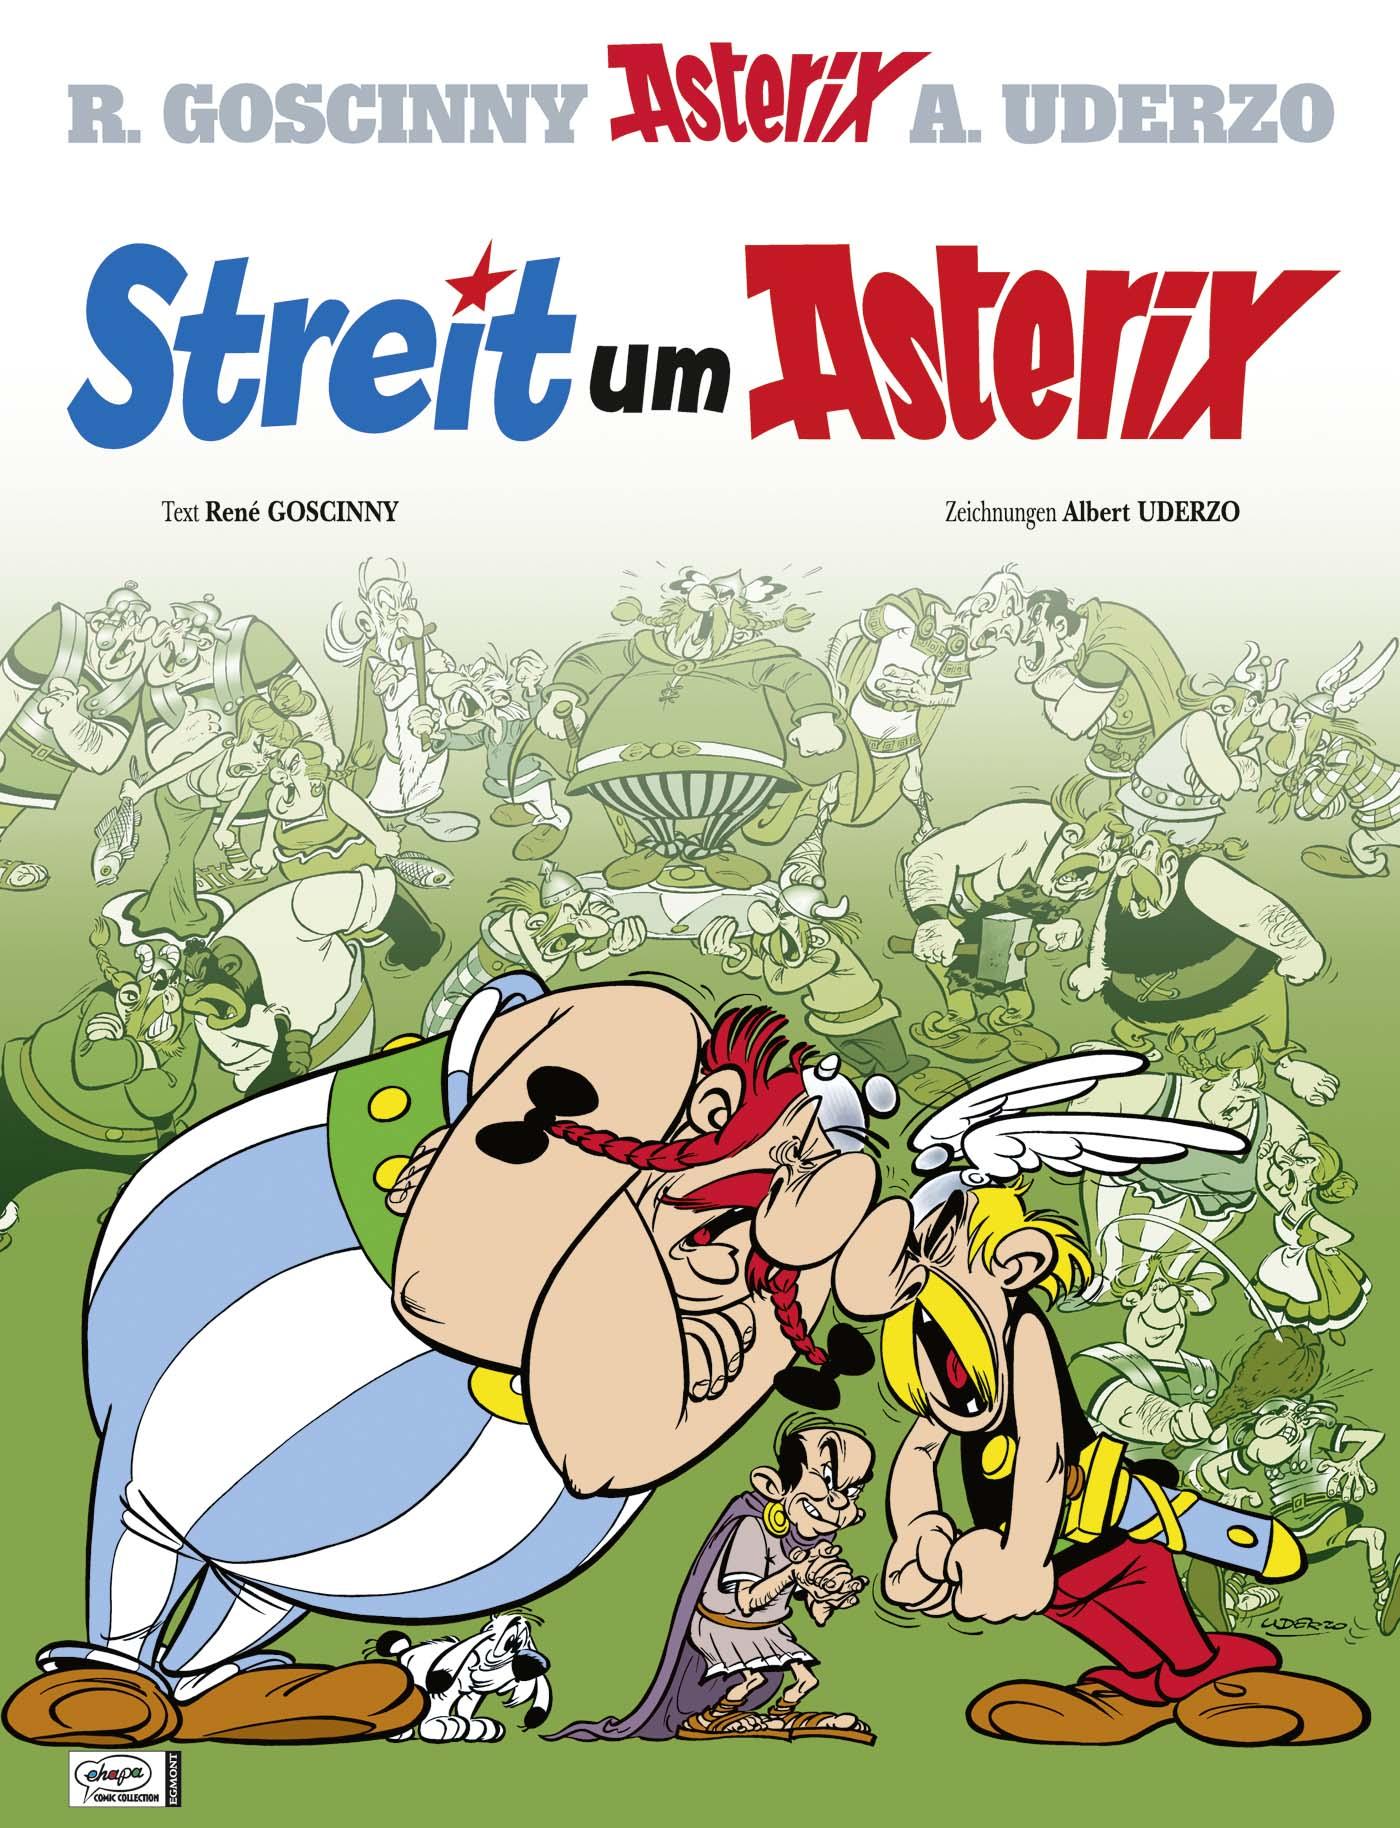 Asterix: Band 15 - Streit um Asterix - R. Goscinny & A. Uderzo [Gebundene Ausgabe]